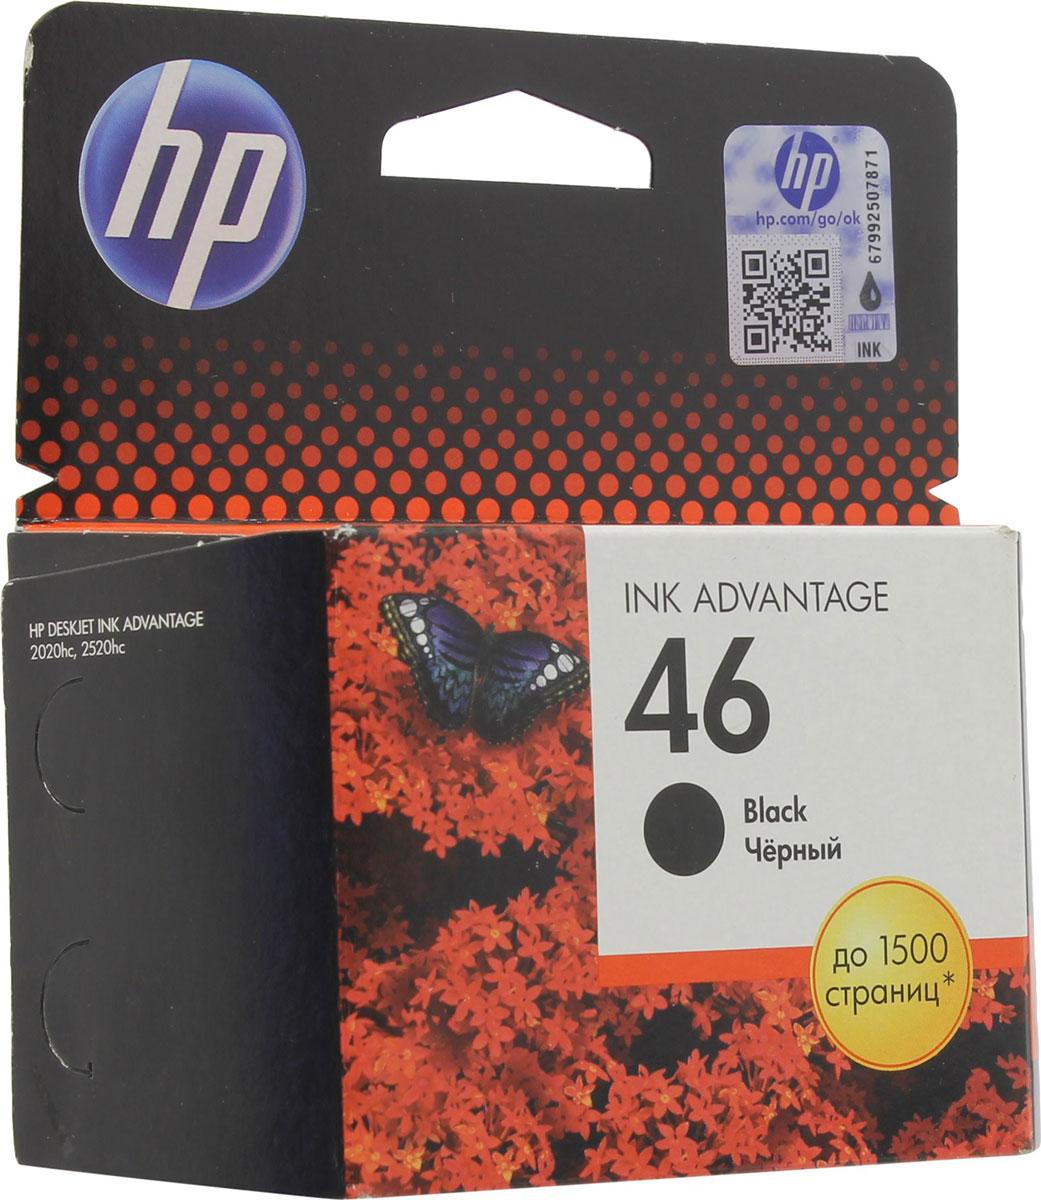 HP CZ637AE (HP 46), Black картридж для 2020hc (CZ733A)/ 2520hc (CZ338A)/4729CZ637AEКартриджи HP 46 Ink Advantage позволяют печатать высококачественные документы и яркие фотографии, экономя на расходных материалах. Увеличенная емкость позволяет печатать до 1500 страниц, не меняя картридж. Сочетание принтеров HP Deskjet Ink Advantage и оригинальных чернил НР гарантирует повышенную надежность. Теперь можно реже приобретать расходные материалы, получая при этом вознаграждения за каждую покупку. Легкая и удобная печать. Поломки, утечки чернил, образование пузырьков, дорогостоящая повторная печать и другие проблемы, связанные с использованием ненадежных «резервуарных» систем, больше не будут вас беспокоить. Оригинальные струйные картриджи и принтеры HP были специально разработаны для стабильной совместной работы. Впечатляющие результаты и высочайшее качество HP по доступной цене. Оригинальные струйные картриджи HP позволяют создавать высококачественные повседневные документы и фотографии, которые быстро высыхают и сохраняют цвет...